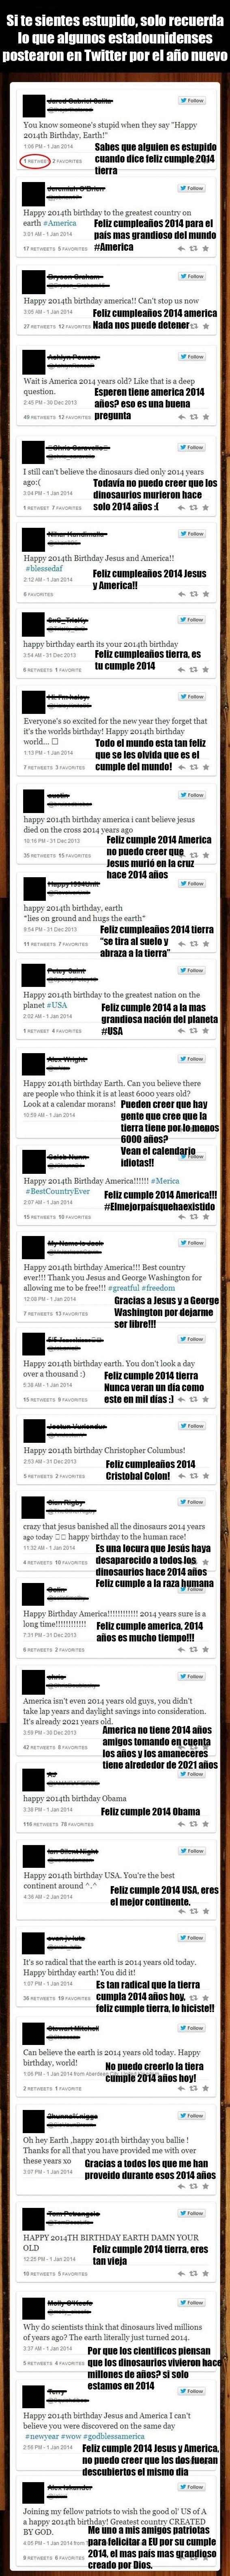 2014,americano,año,antiguo,eeuu,felicitar,norte,pais,tierra